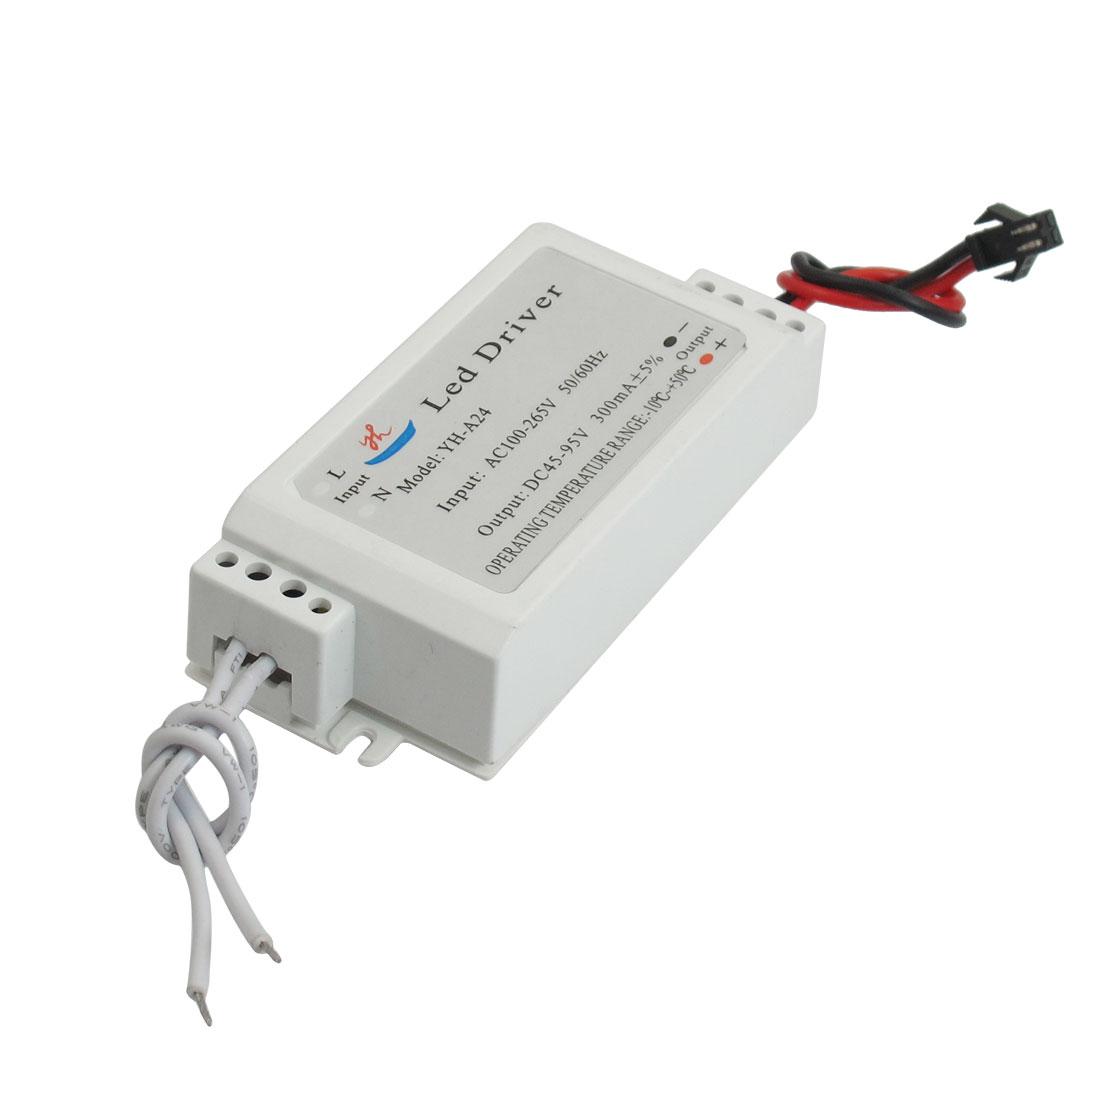 16-24W Output DC 45-95V 300mA LED Driver Power Supply Transformer